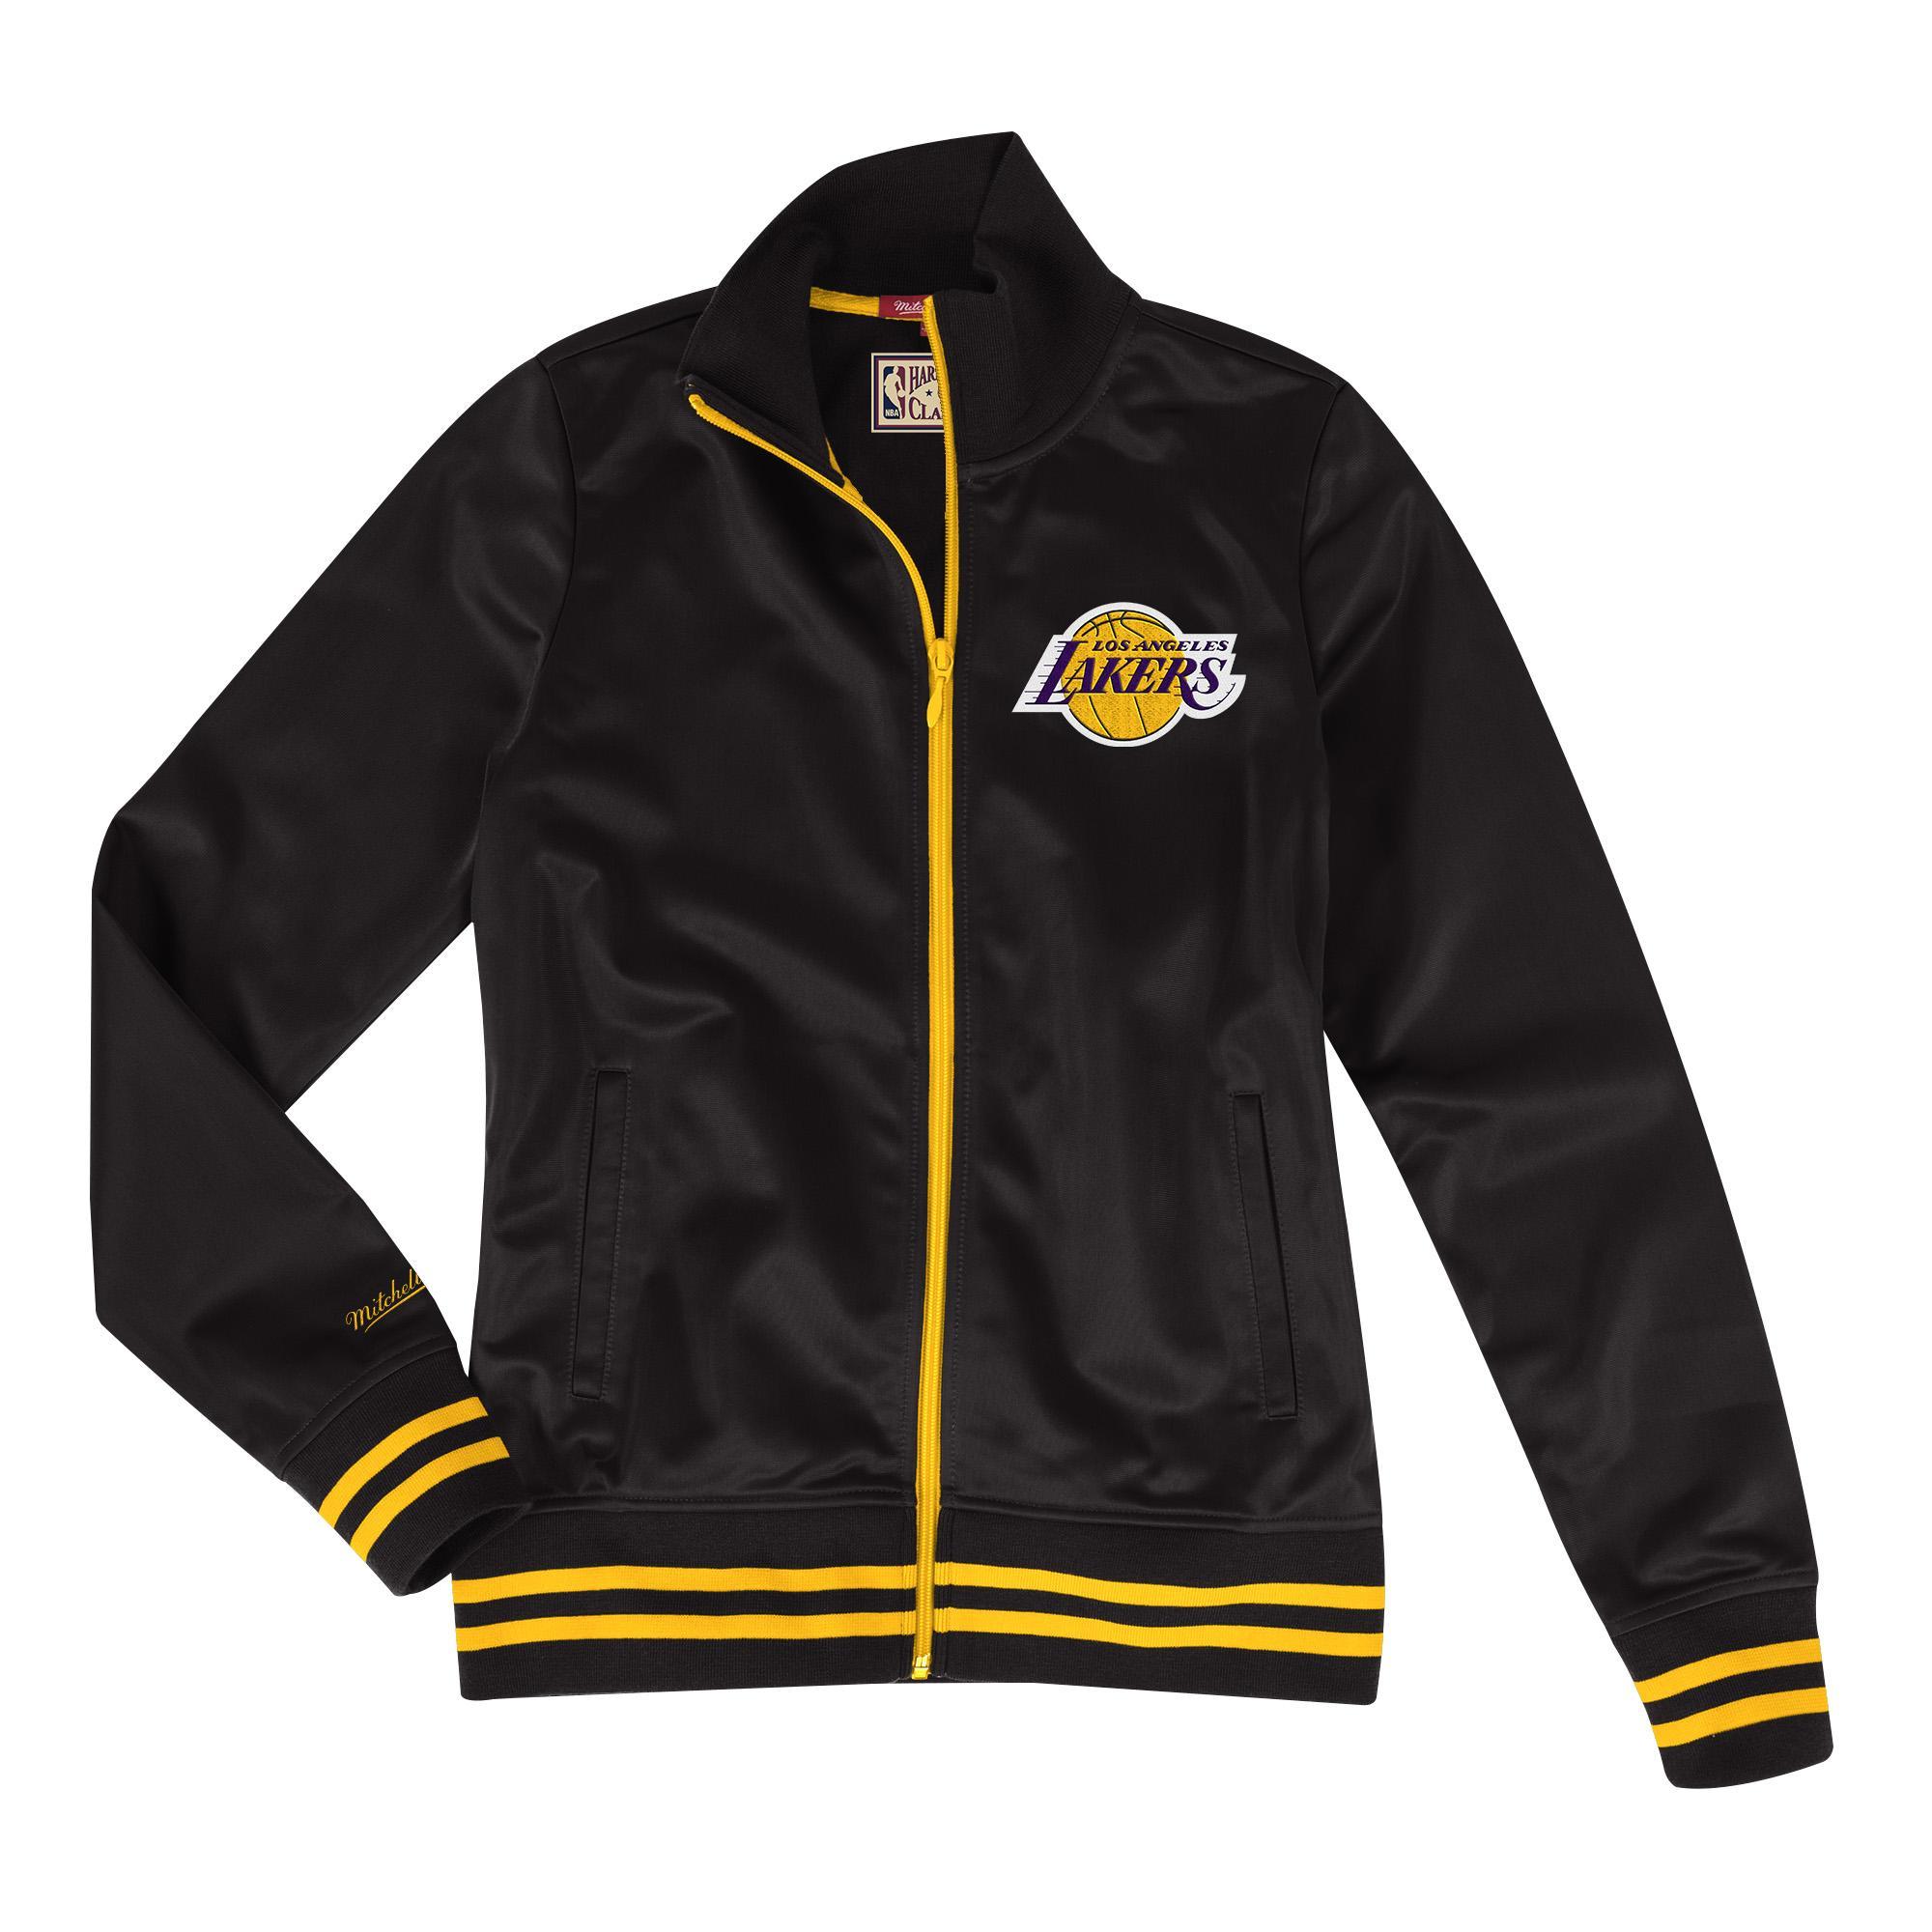 Mitchell & Ness | NBA Womens Track Jacket LA Lakers